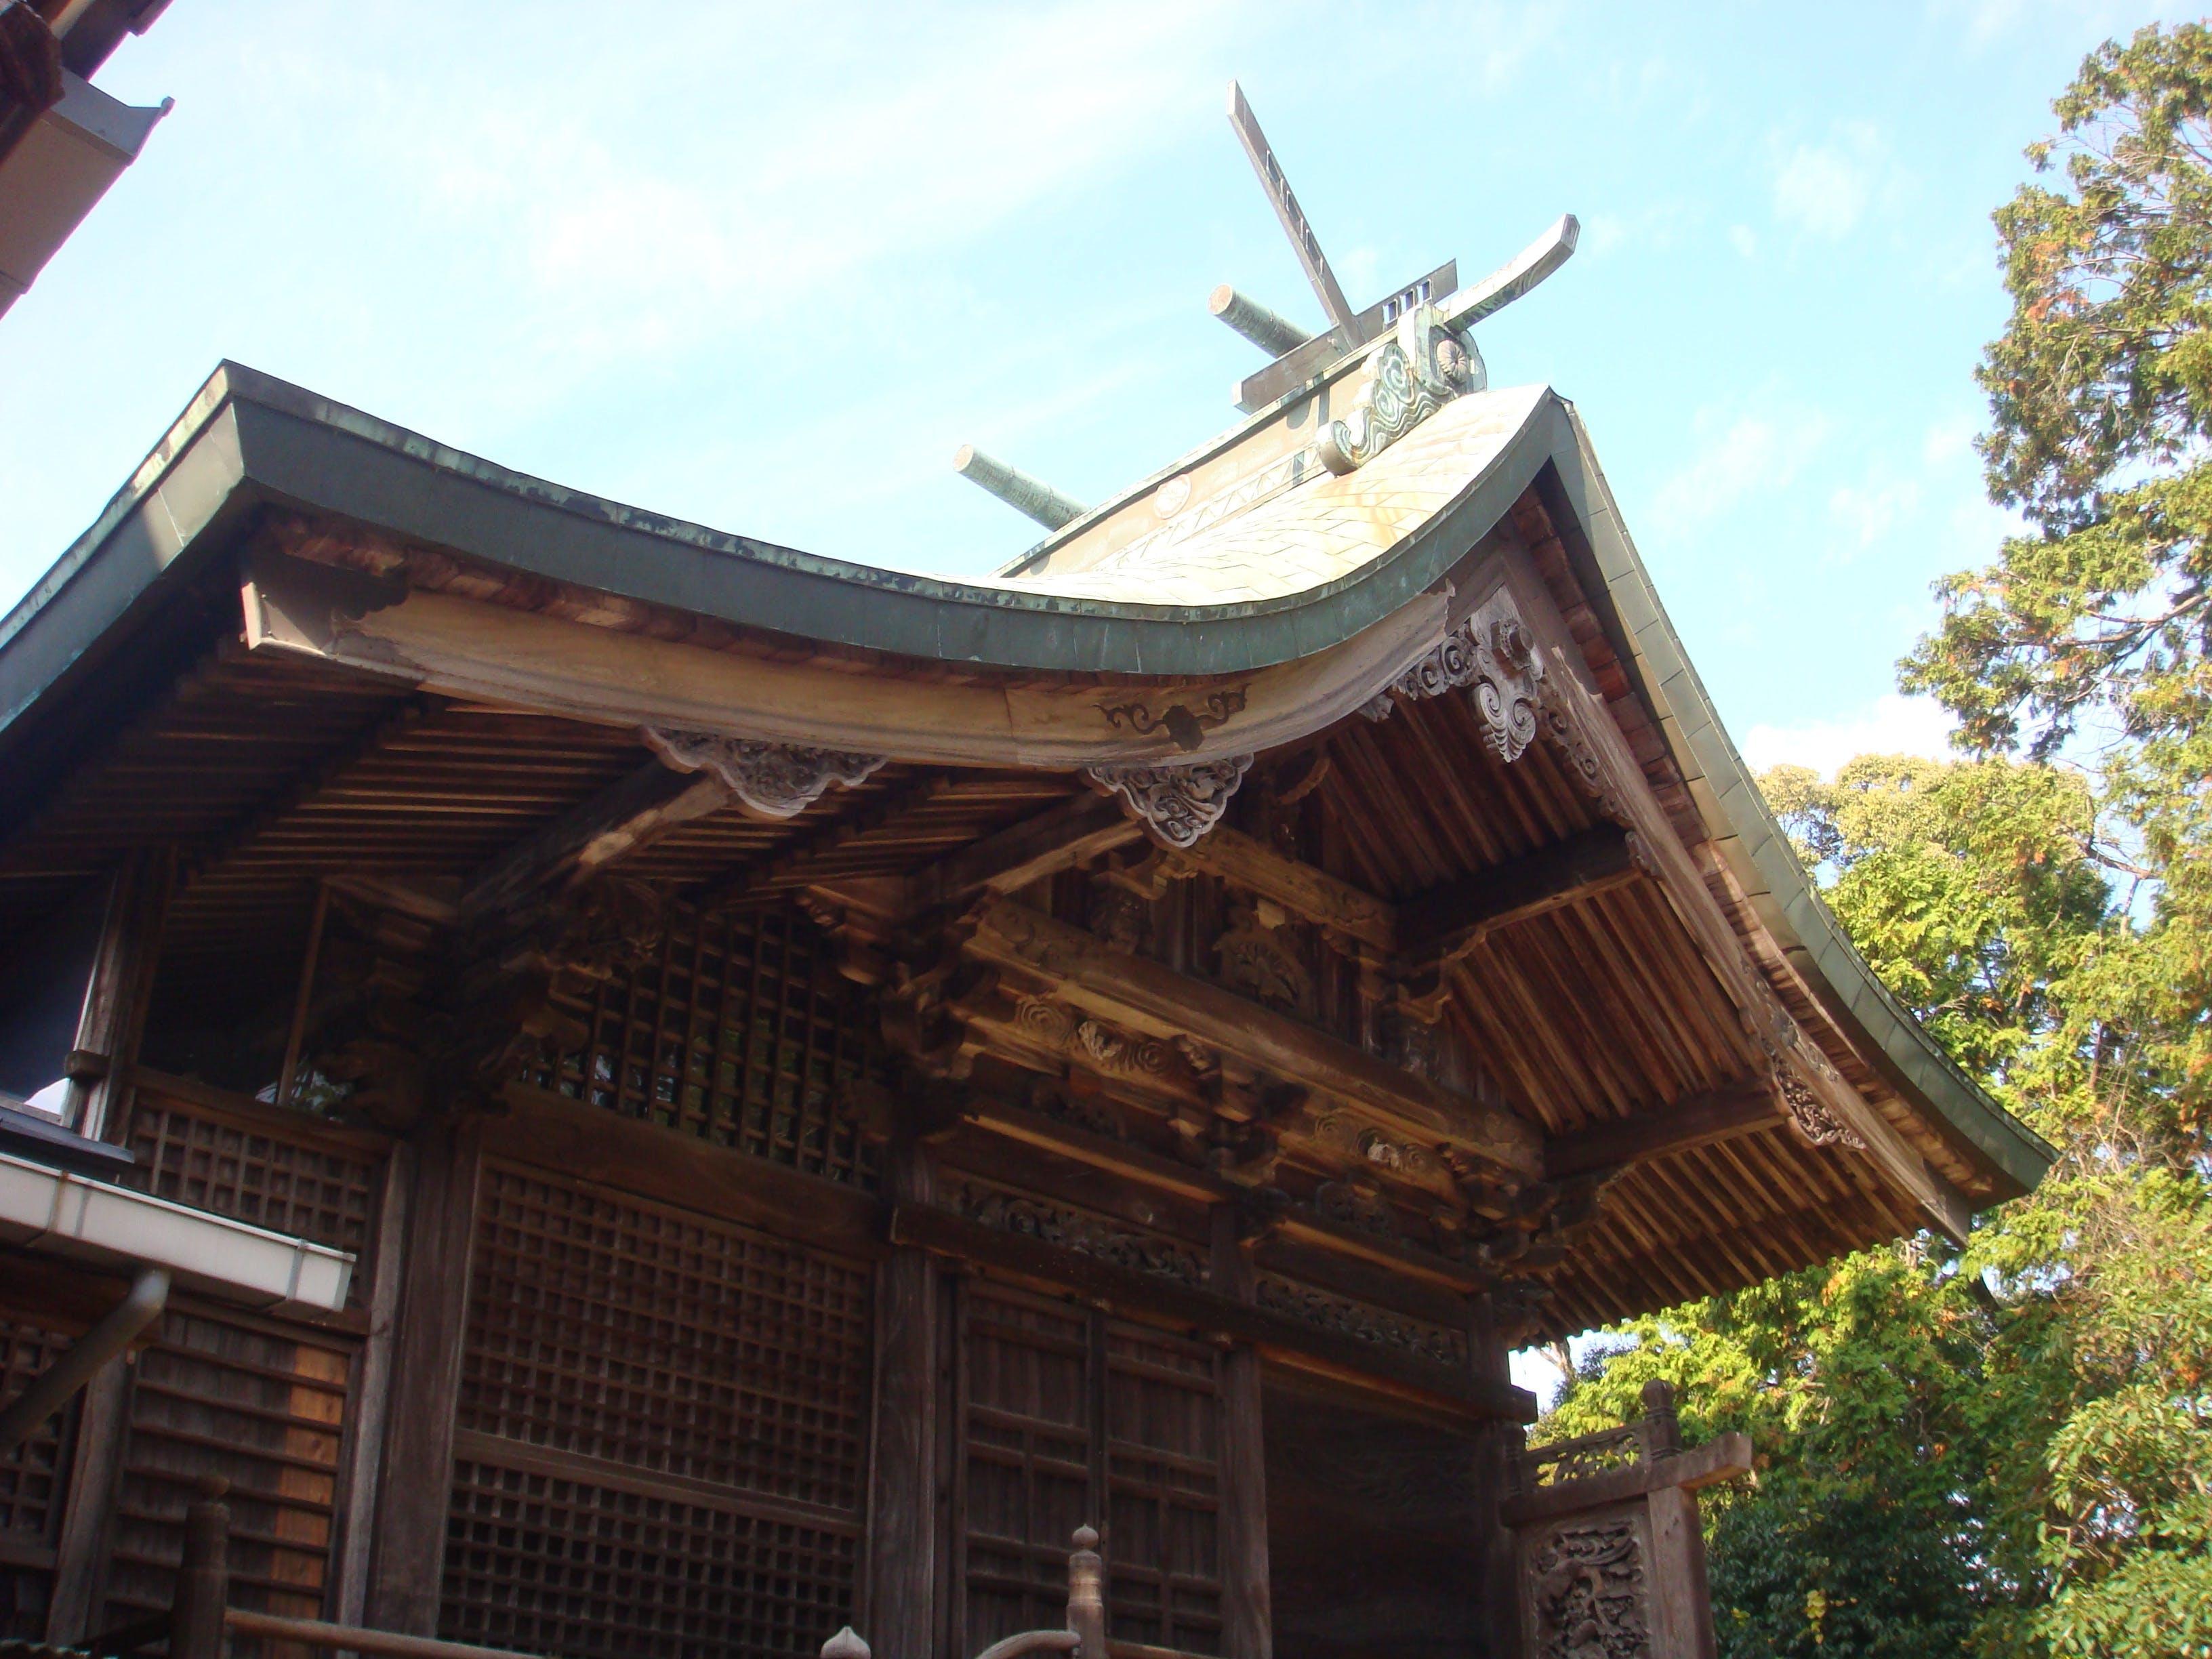 榊山神社を広島県の重要文化財に、そして1000年先に繋ぎたい ...